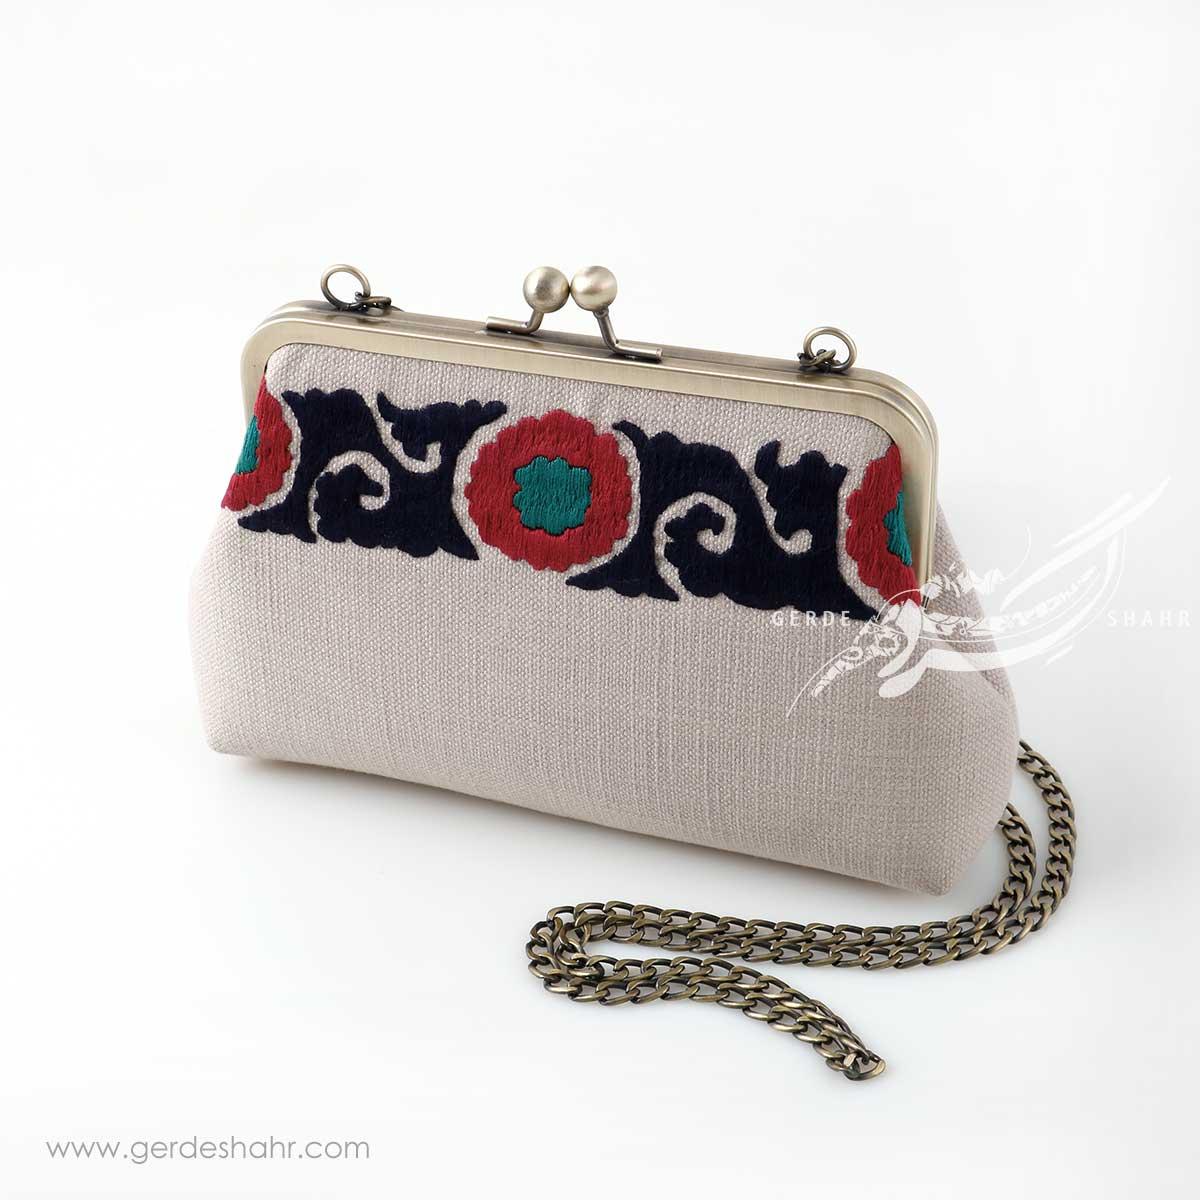 کیف بنددار کرم بخارا راژانه گنجه رخت